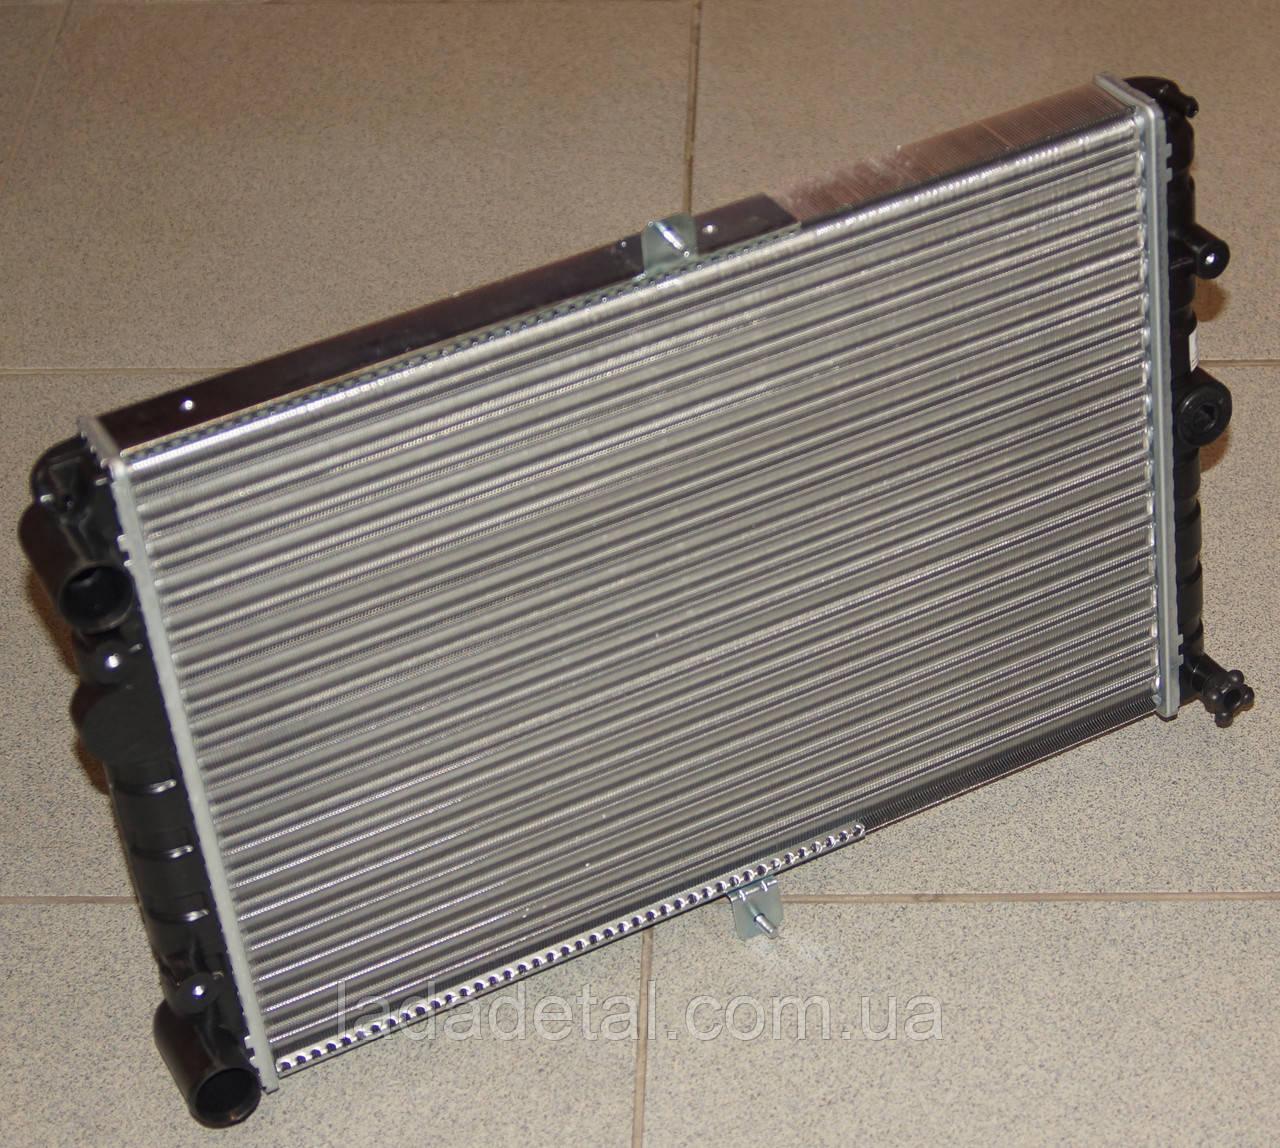 Радиатор ВАЗ 2108, 2109, 21099, 2113-2115 с карбюраторным двигателем АМЗ, фото 1